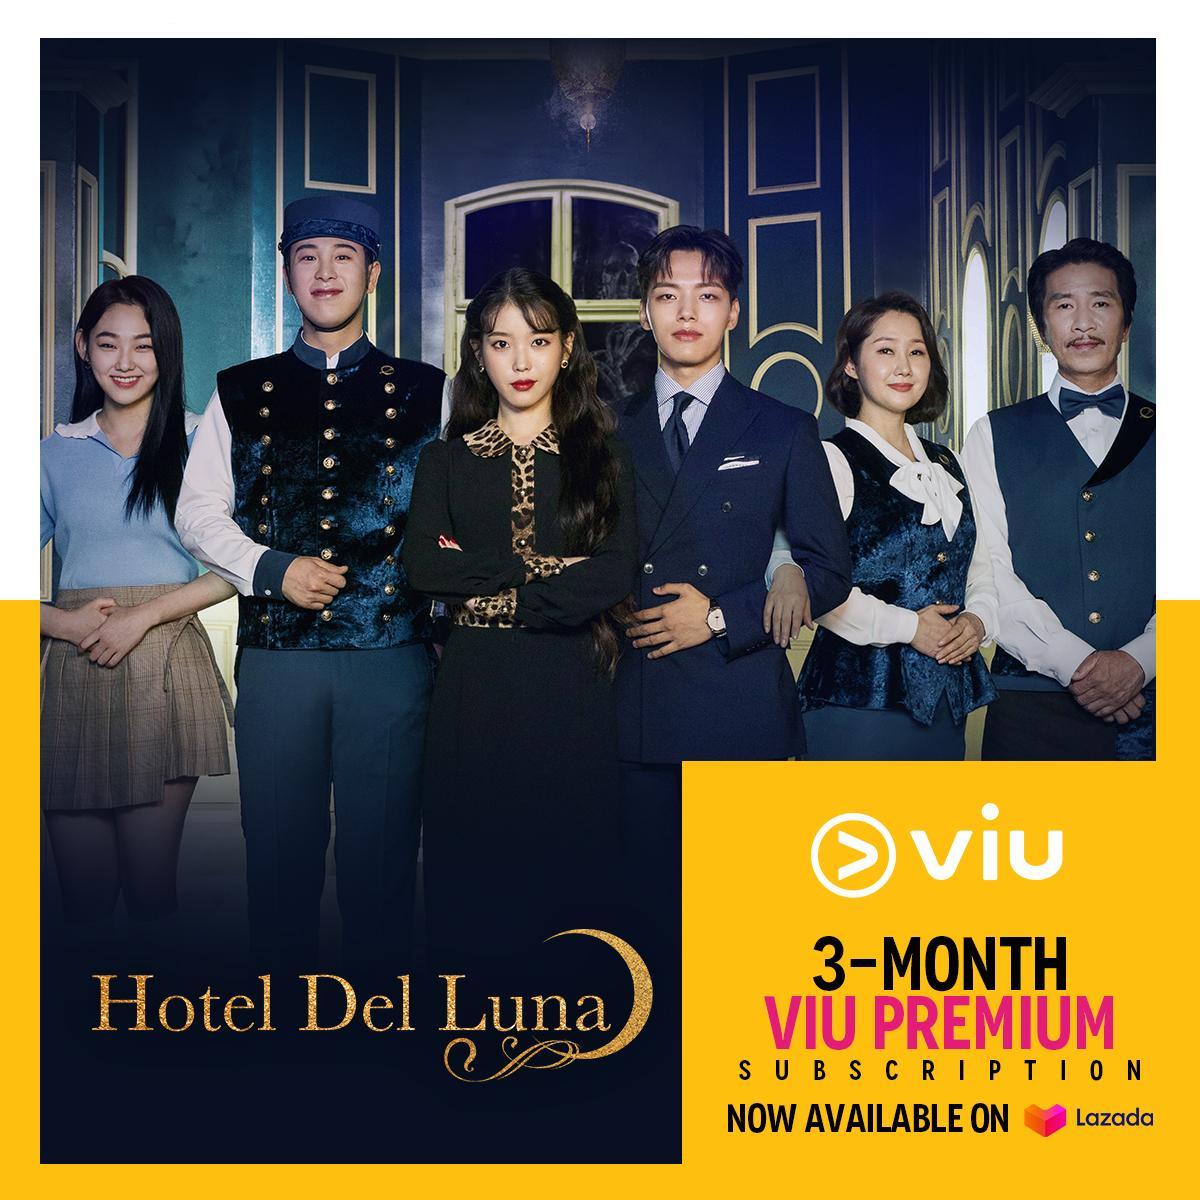 Viu Premium 3-MONTH SUBSCRIPTION